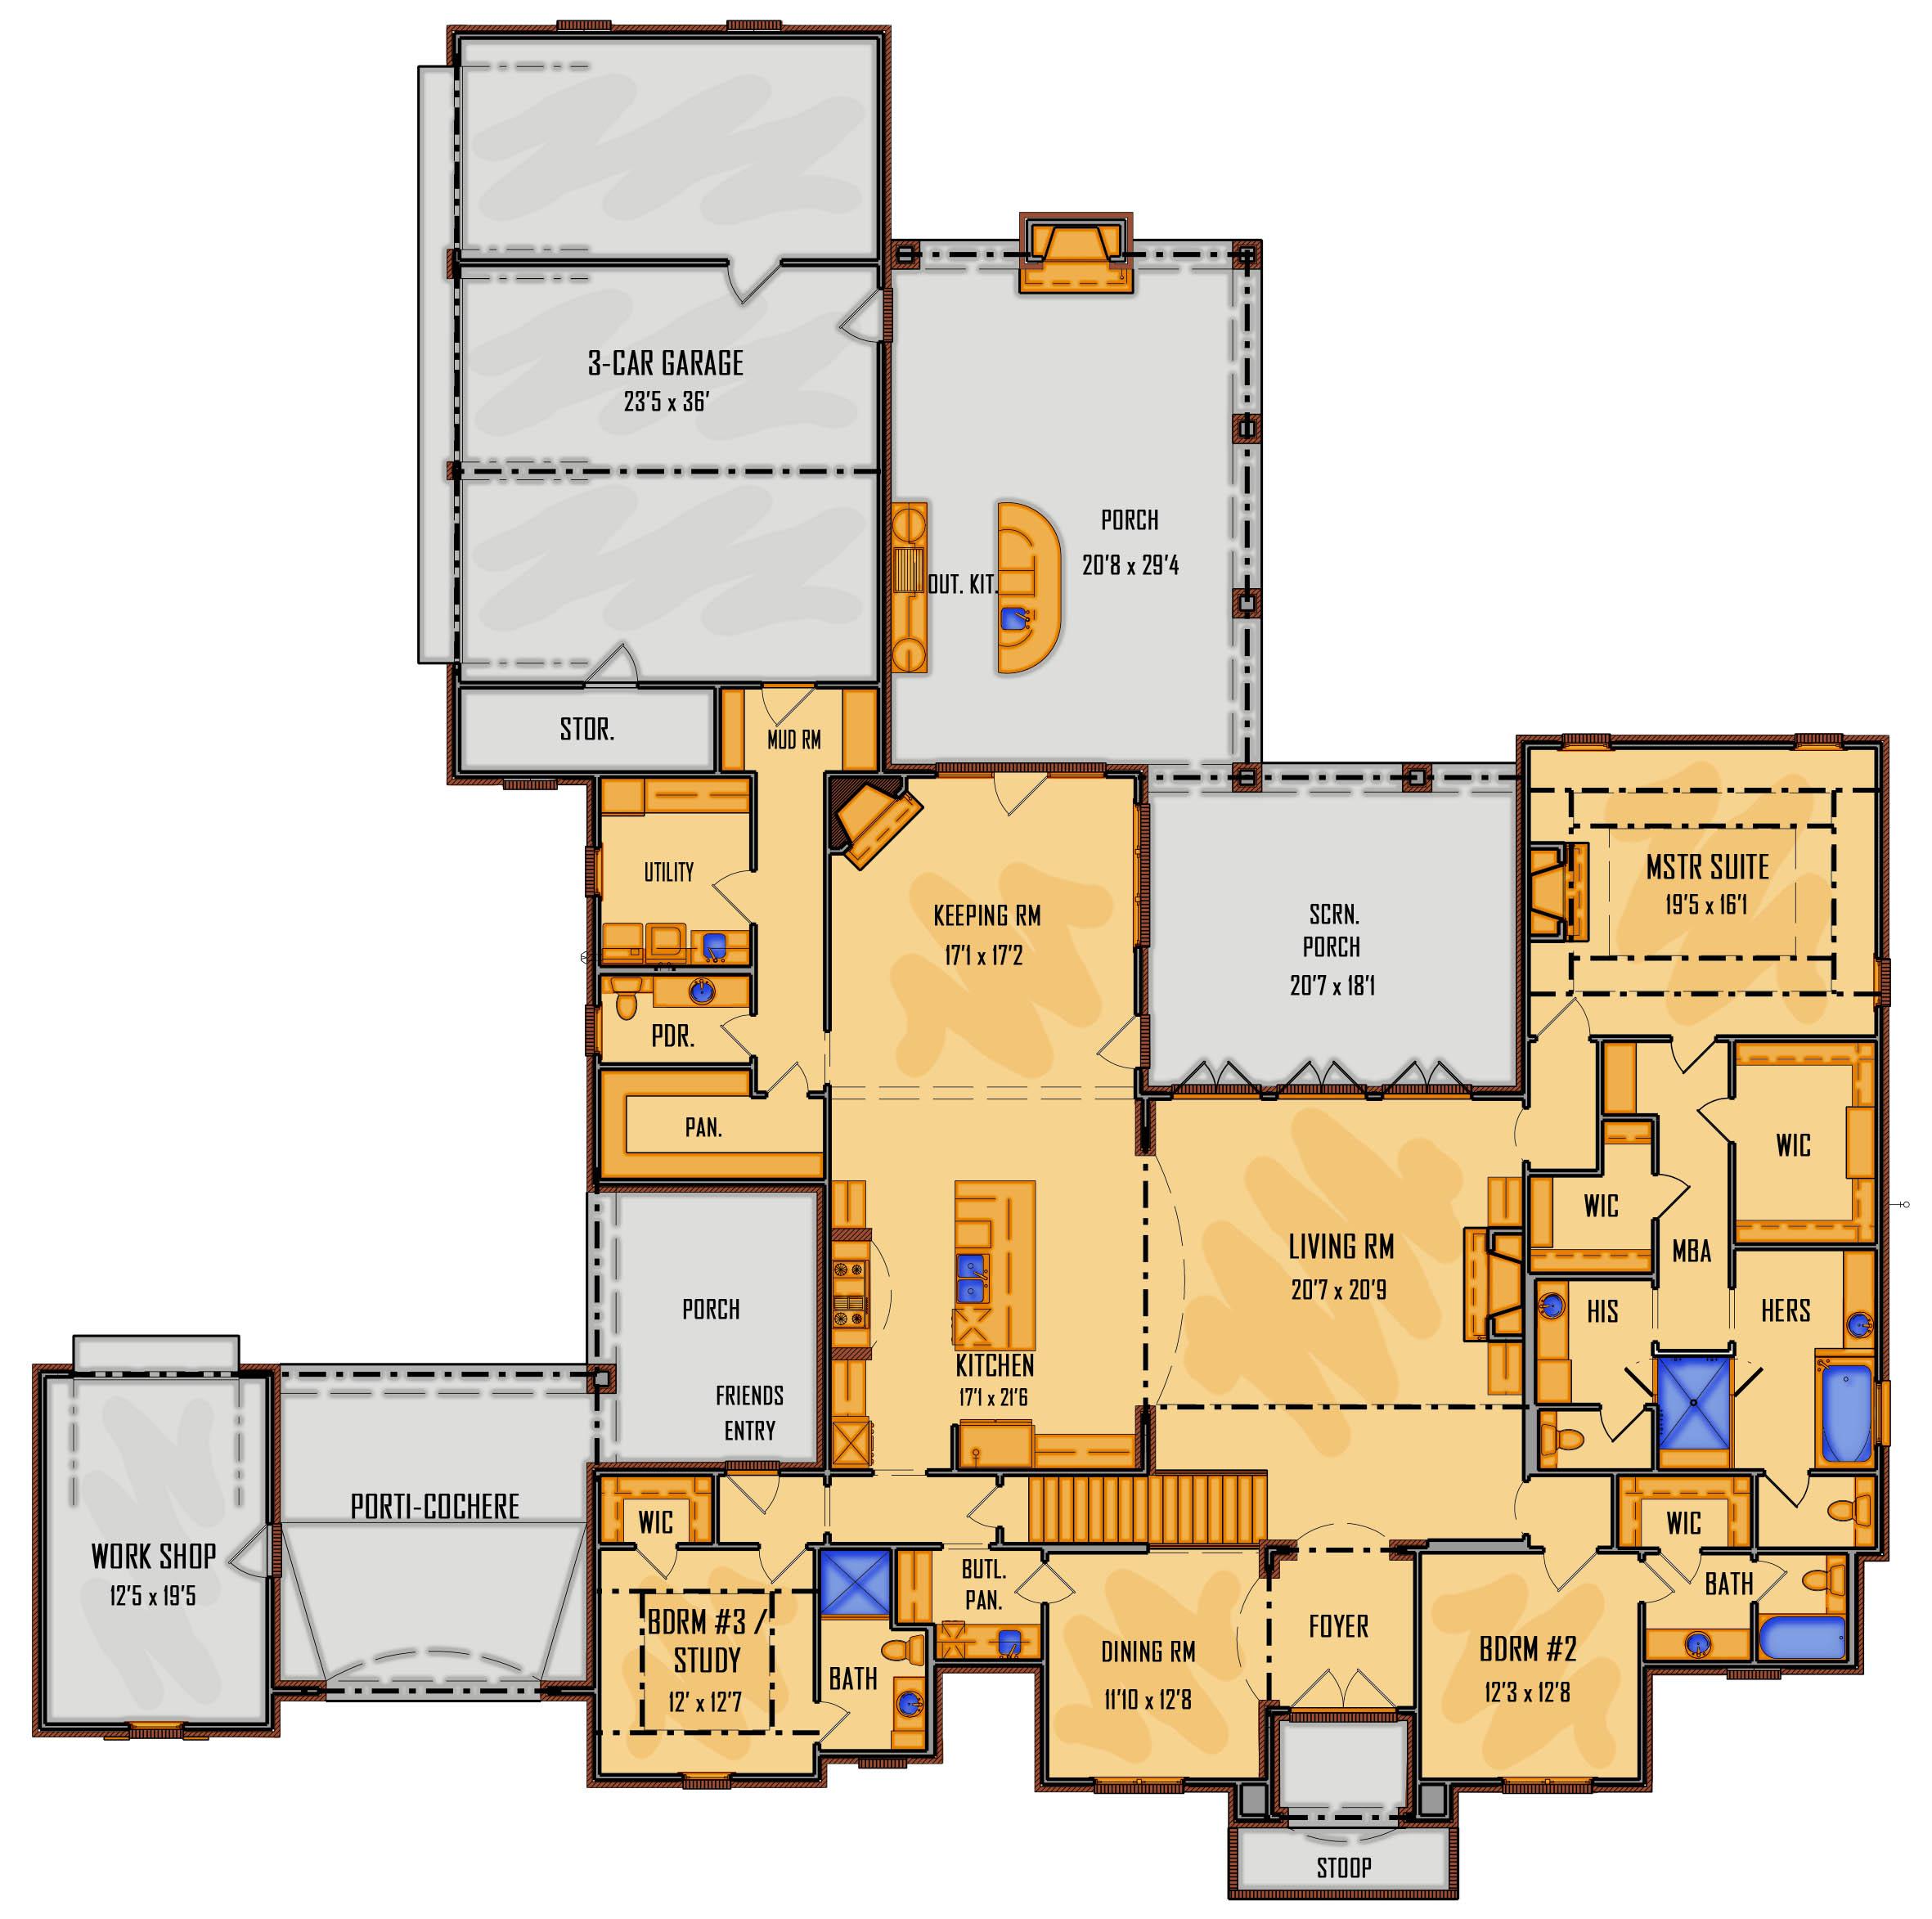 93-16 1st Floor Rendering